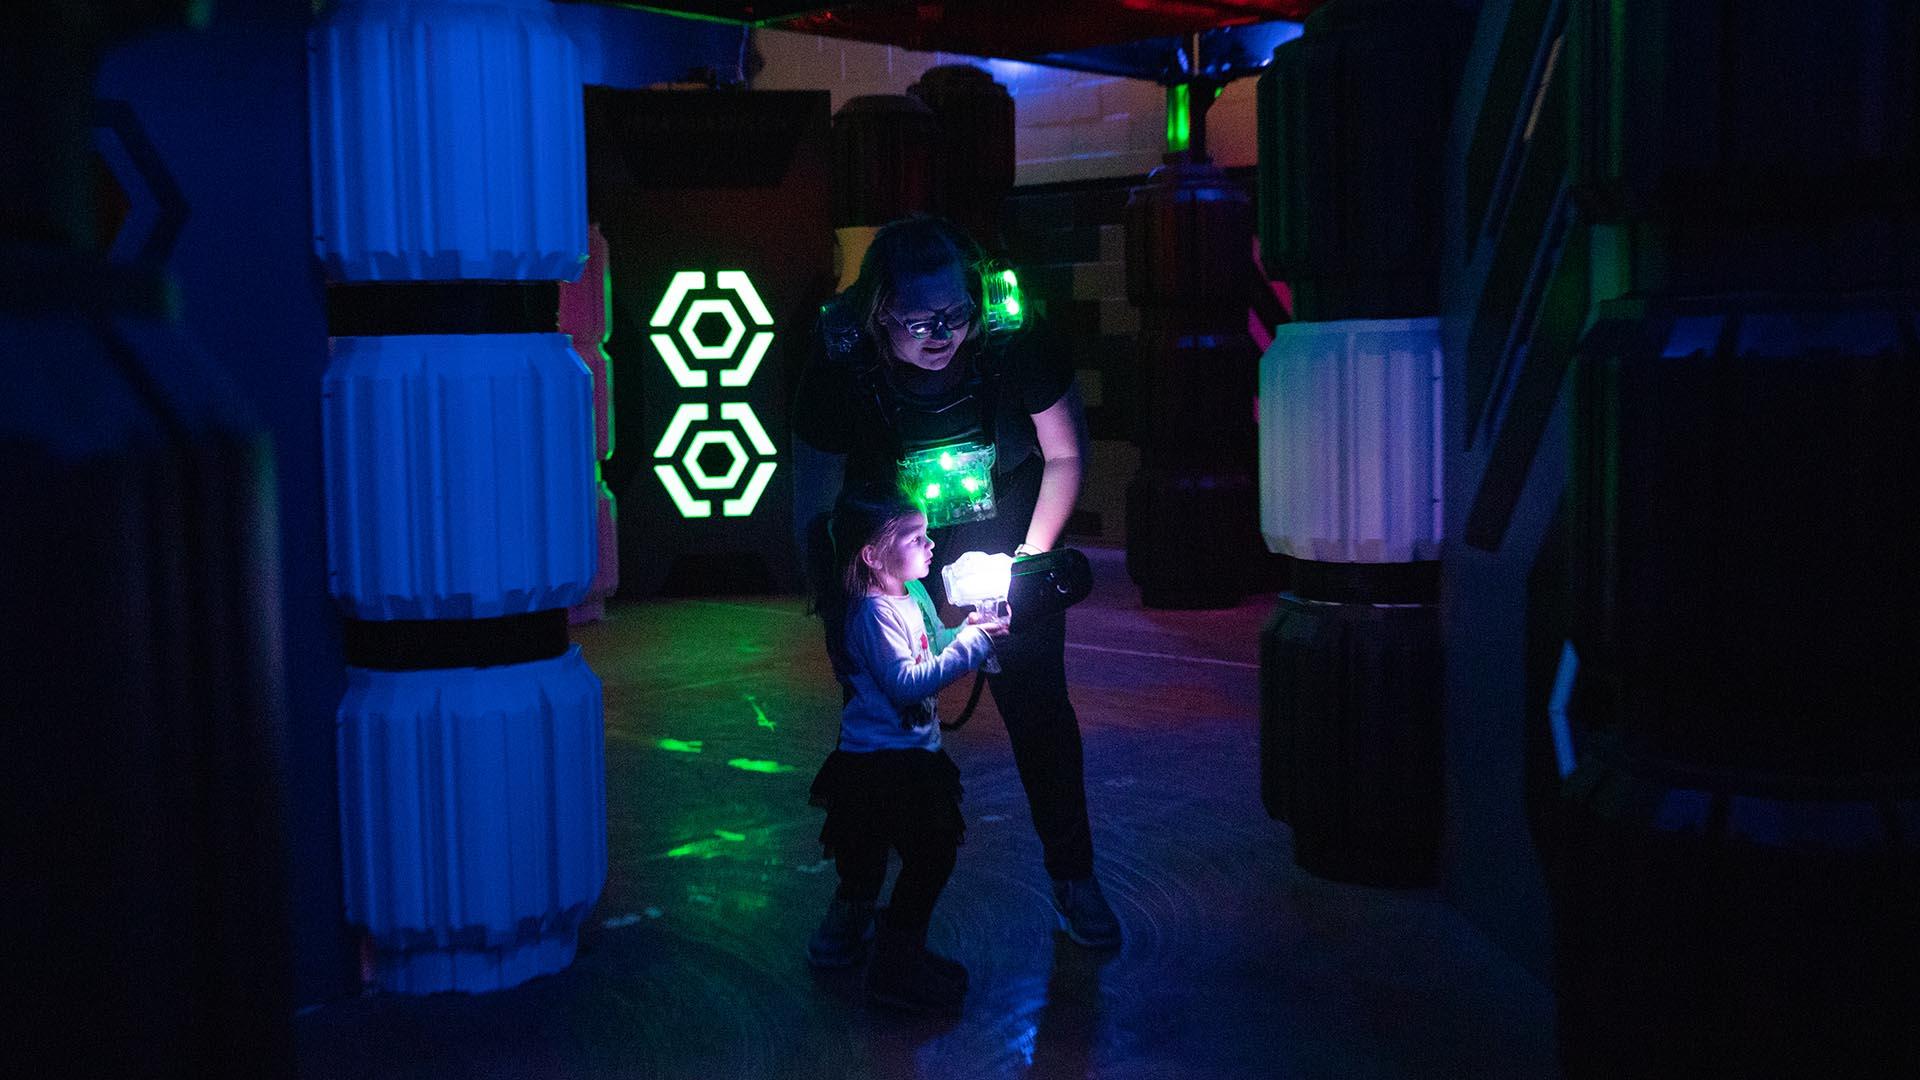 play laser tag at greatplay